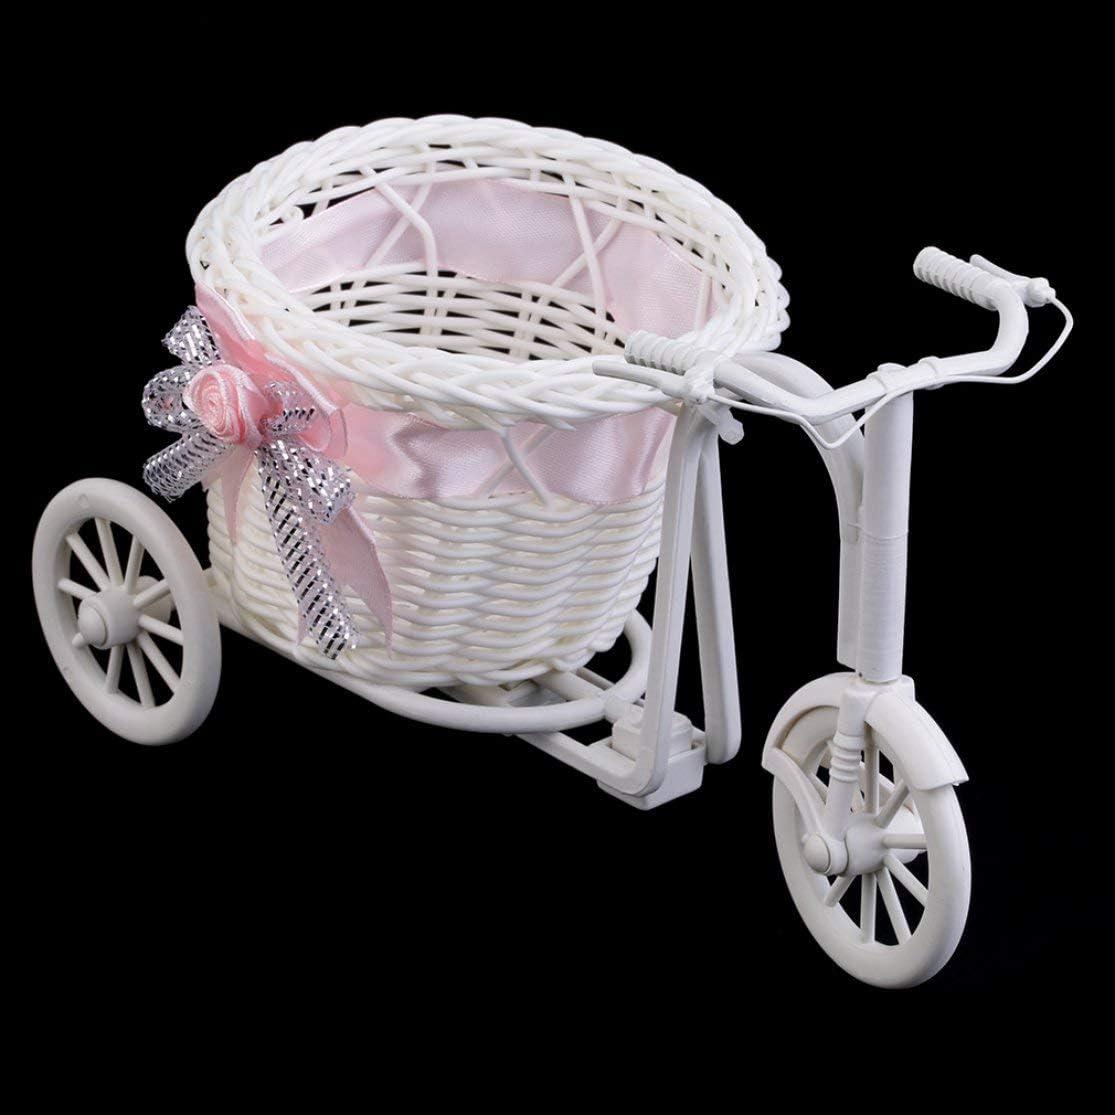 Candyboom Dormitorio de la Oficina de plástico como Regalo del riciclo Triciclo en Bicicleta Cesta de Flores decoración del Banquete de Boda Mini Carro de la Utilidad